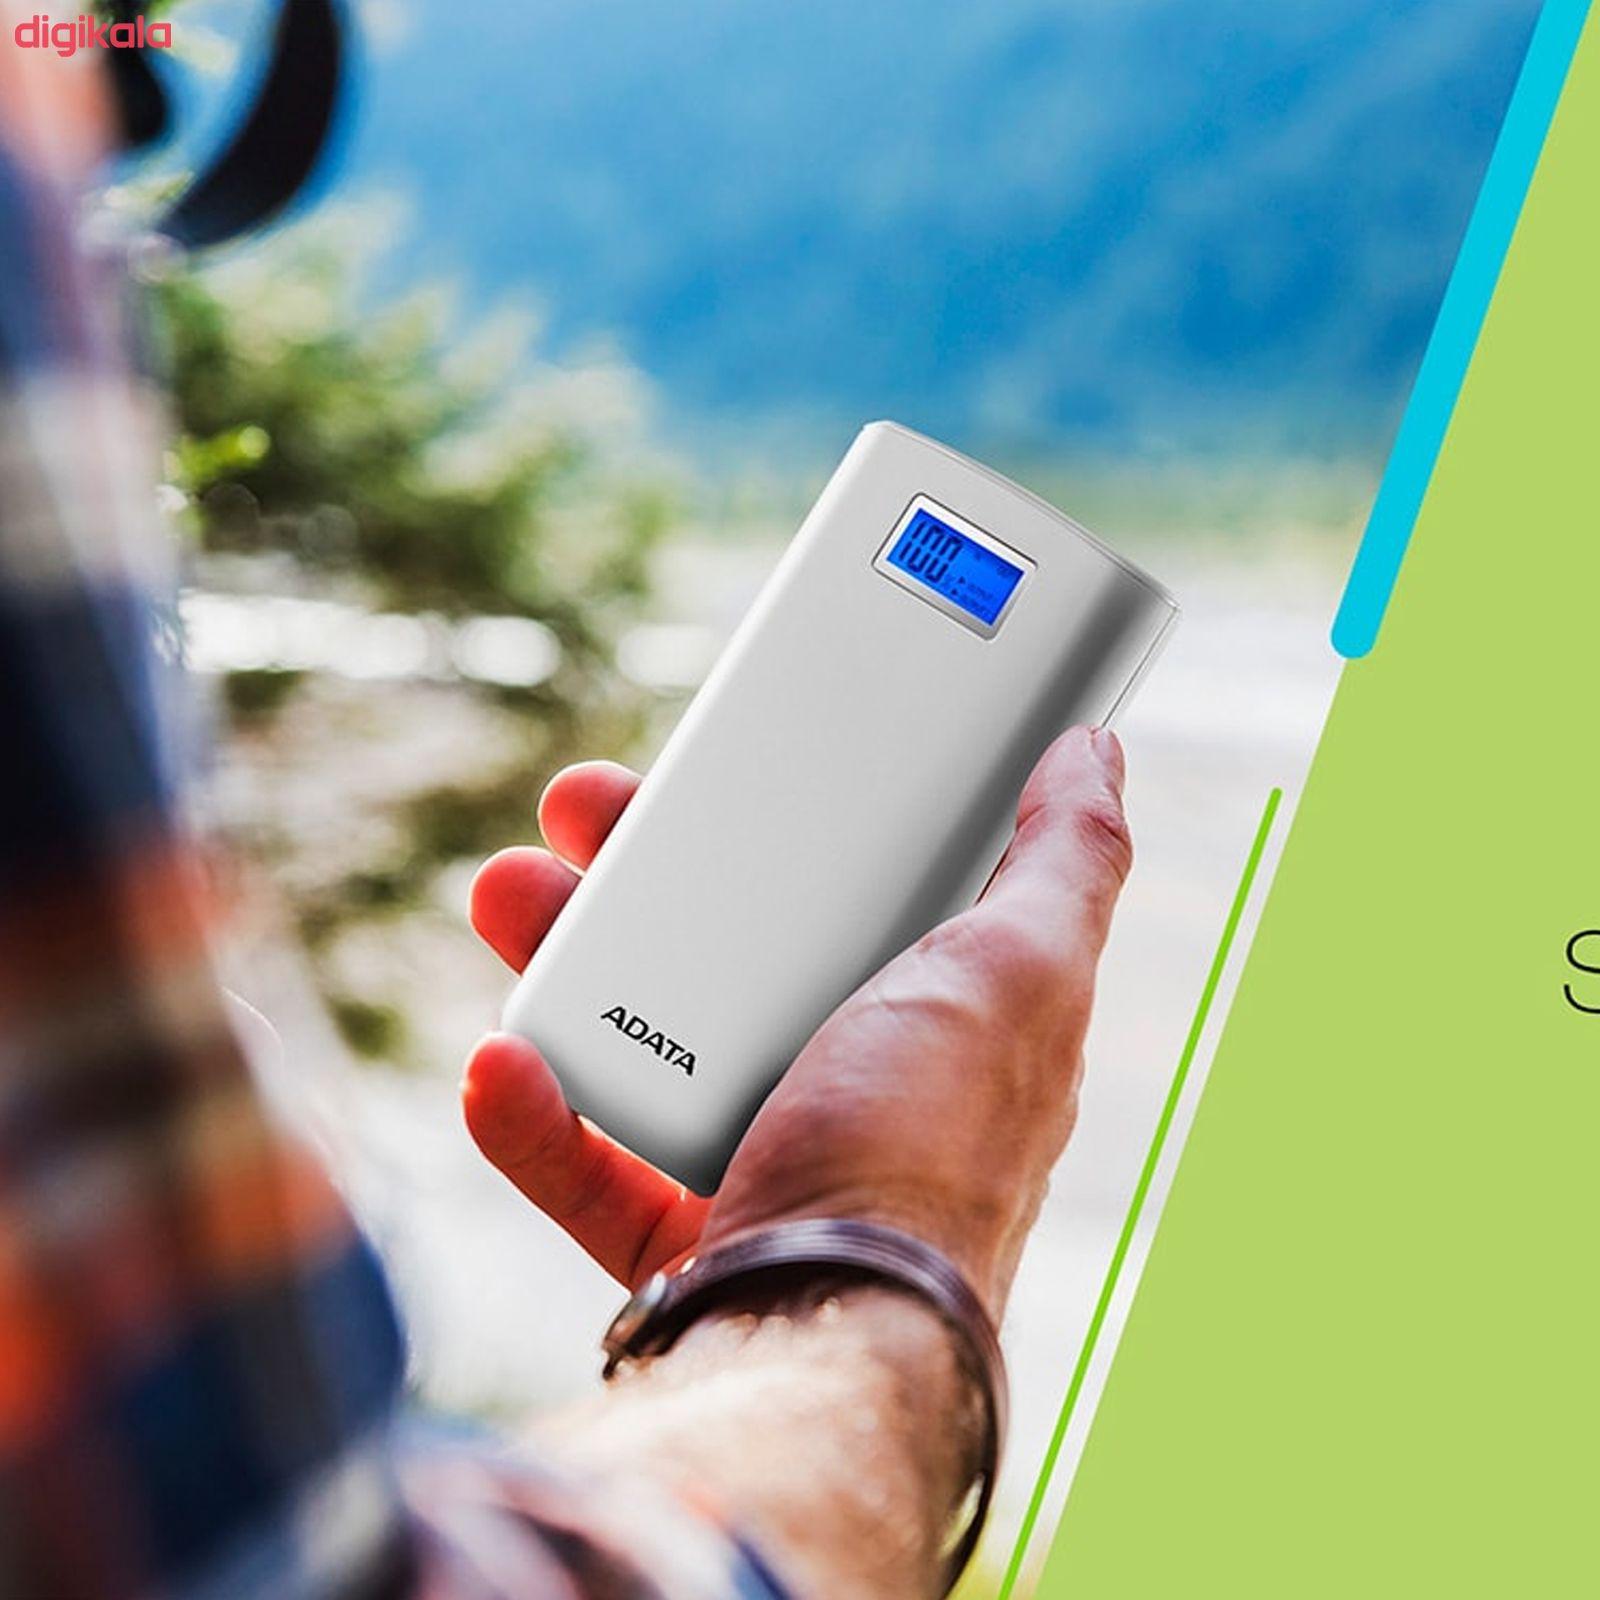 شارژر همراه ای دیتا مدل S20000D ظرفیت 20000 میلی آمپر ساعت  main 1 3